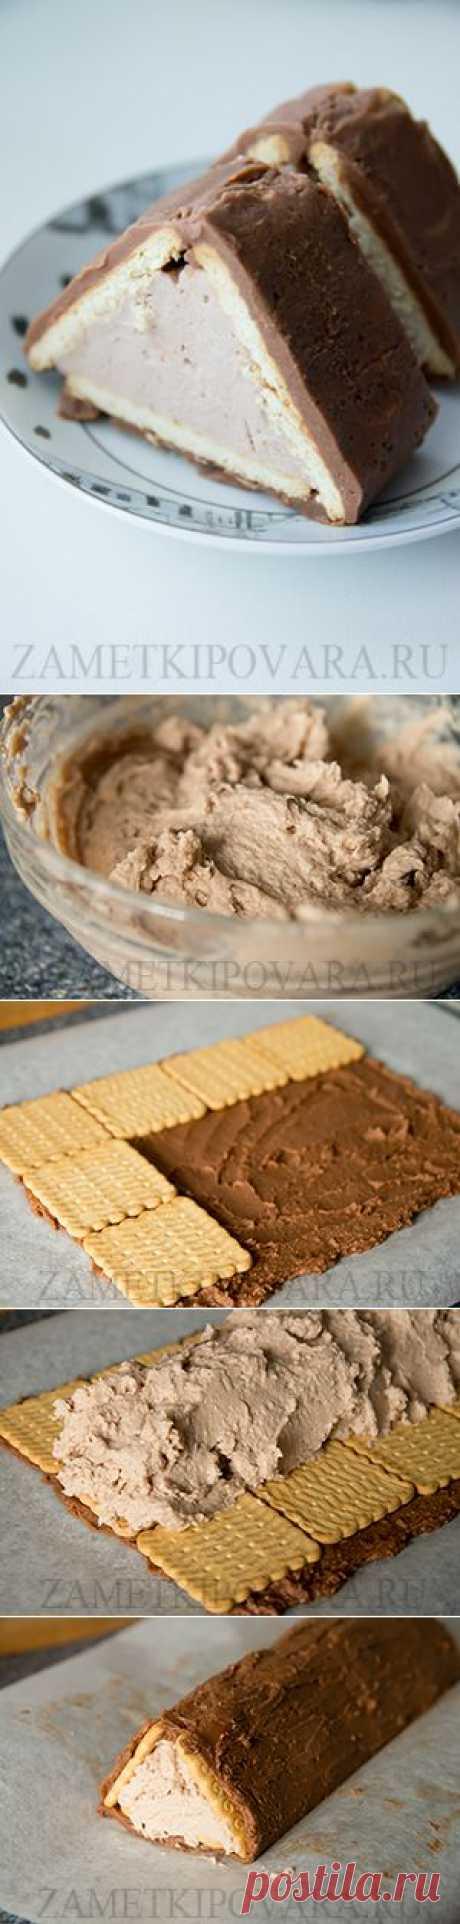 Торт-домик из печенья с творогом - лакомство, родом из детства.